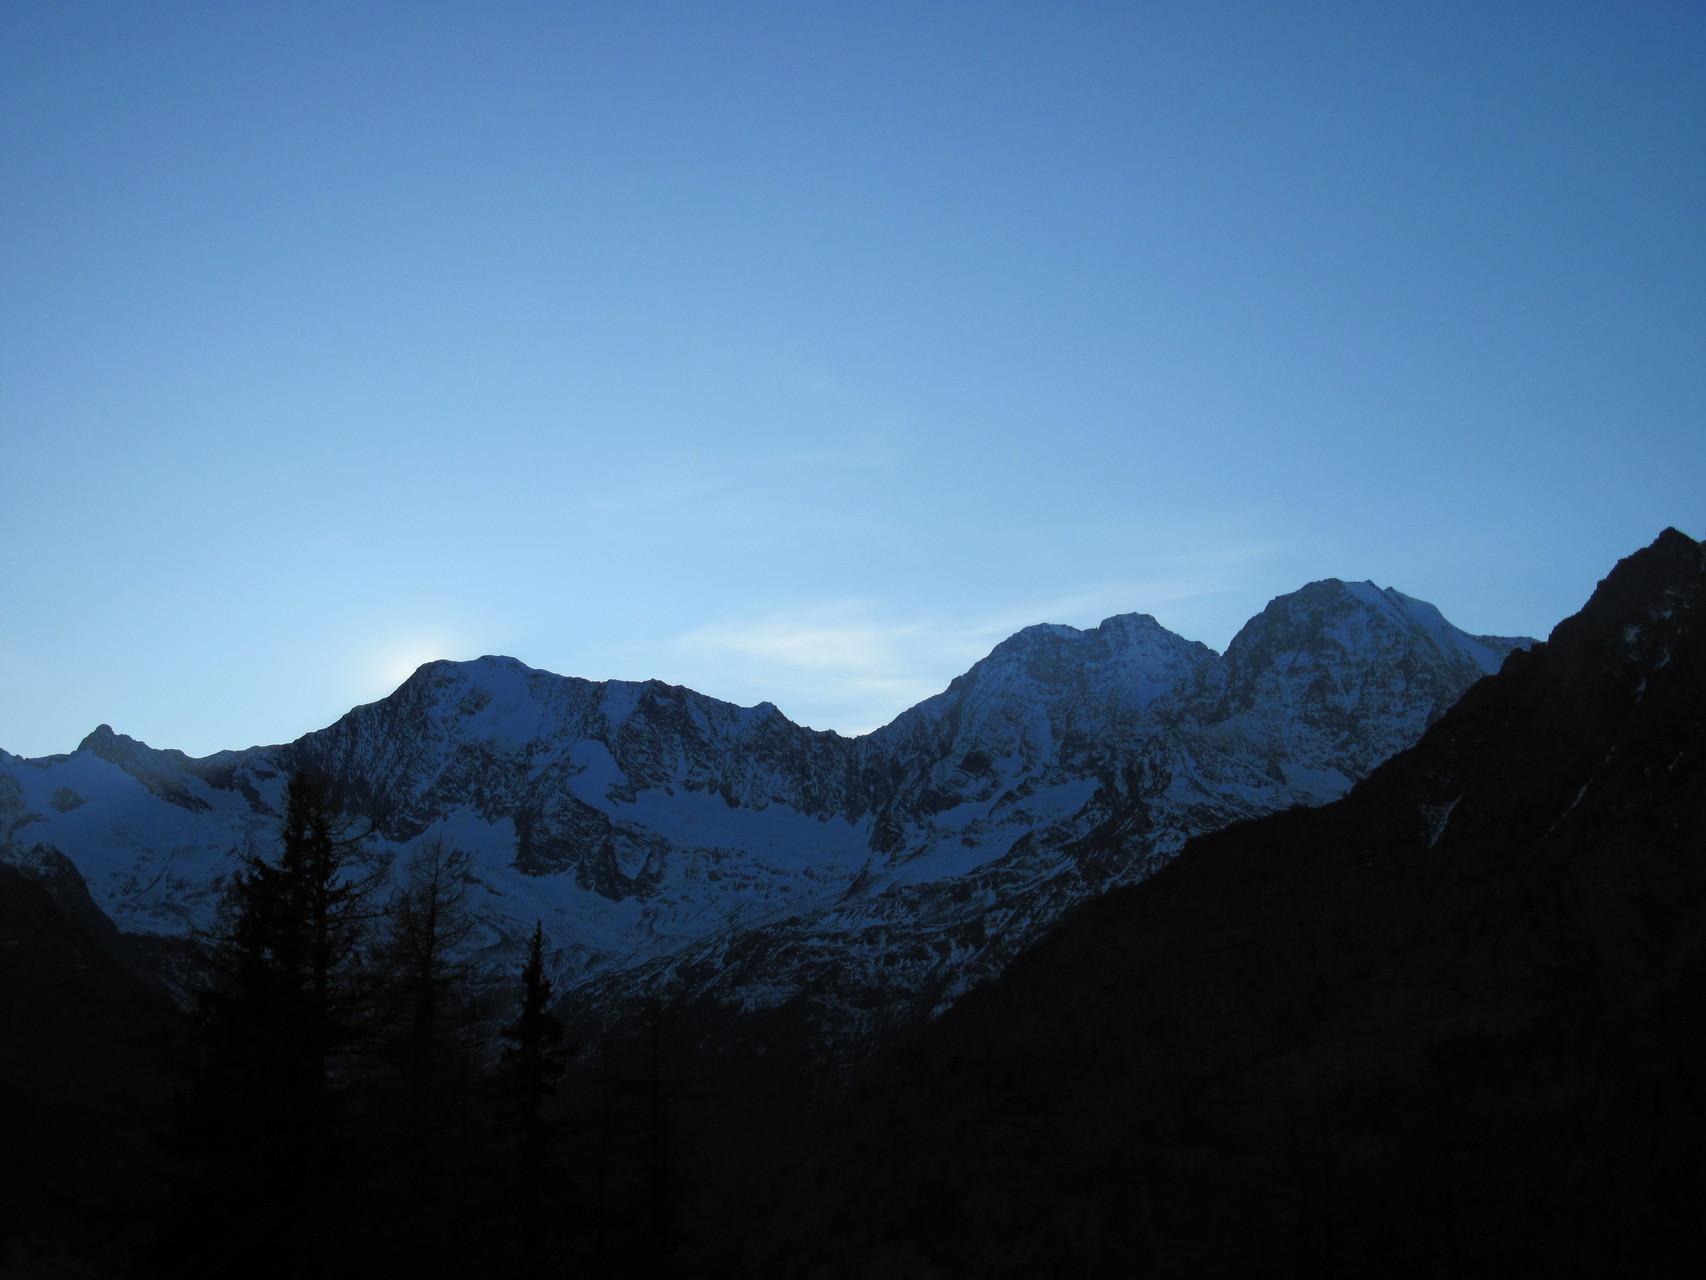 Sonnenuntergang mit Weissmies, Lagginhorn und Fletschhorn